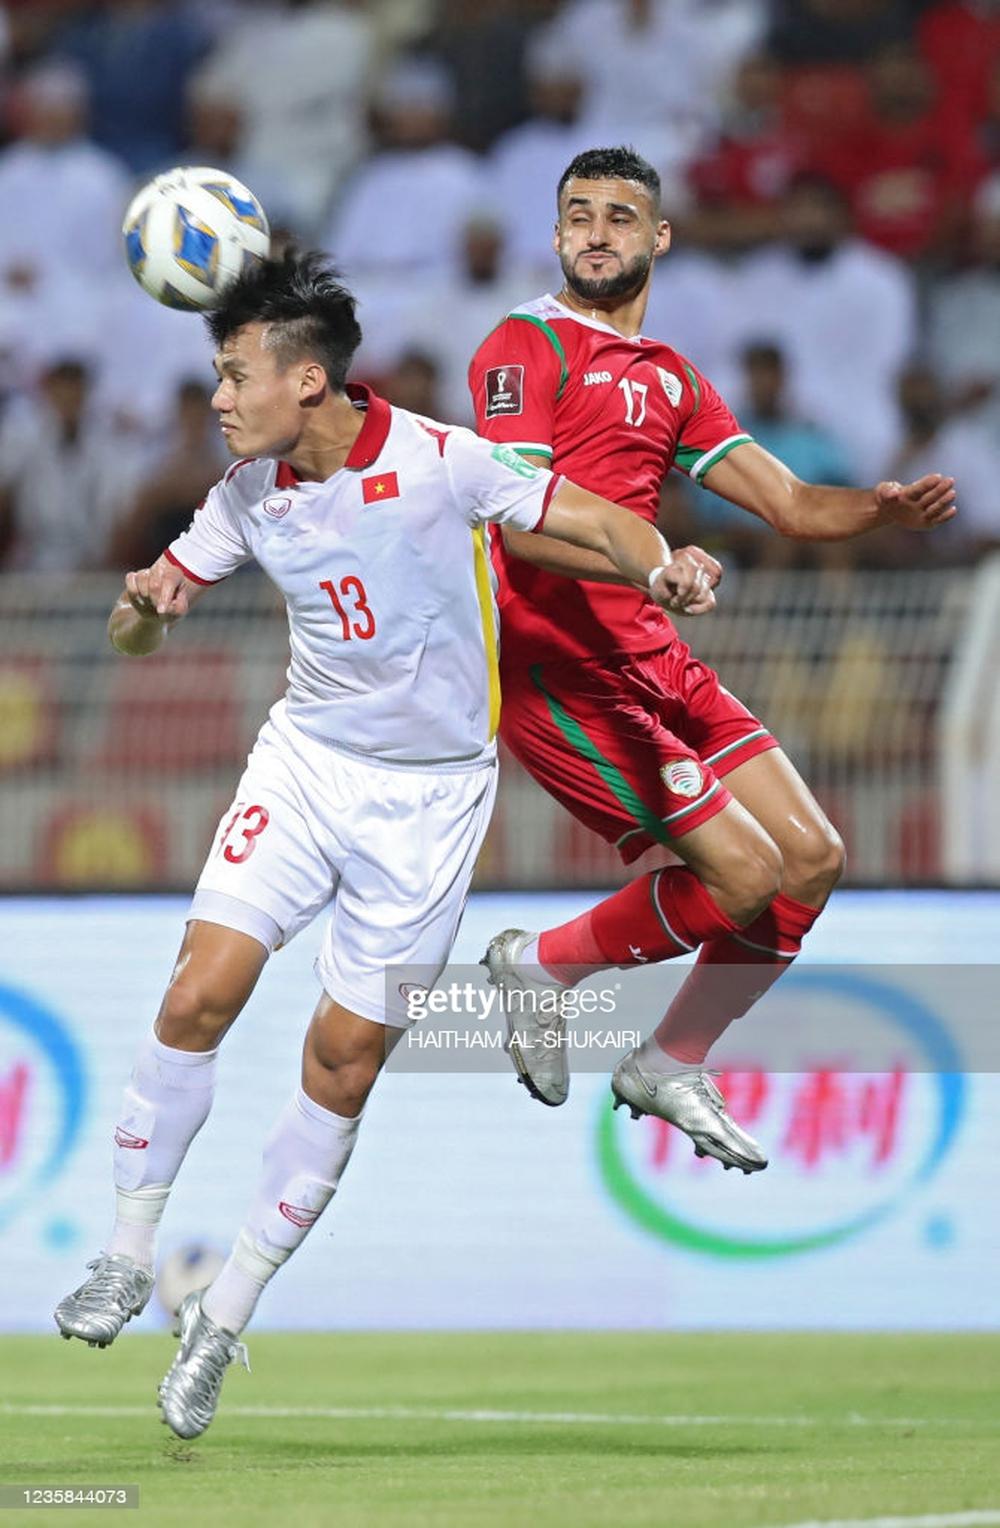 Cựu danh thủ Nguyễn Mạnh Dũng: Đừng đổ tại trọng tài, Oman thắng vì hay hơn ĐTVN - Ảnh 3.